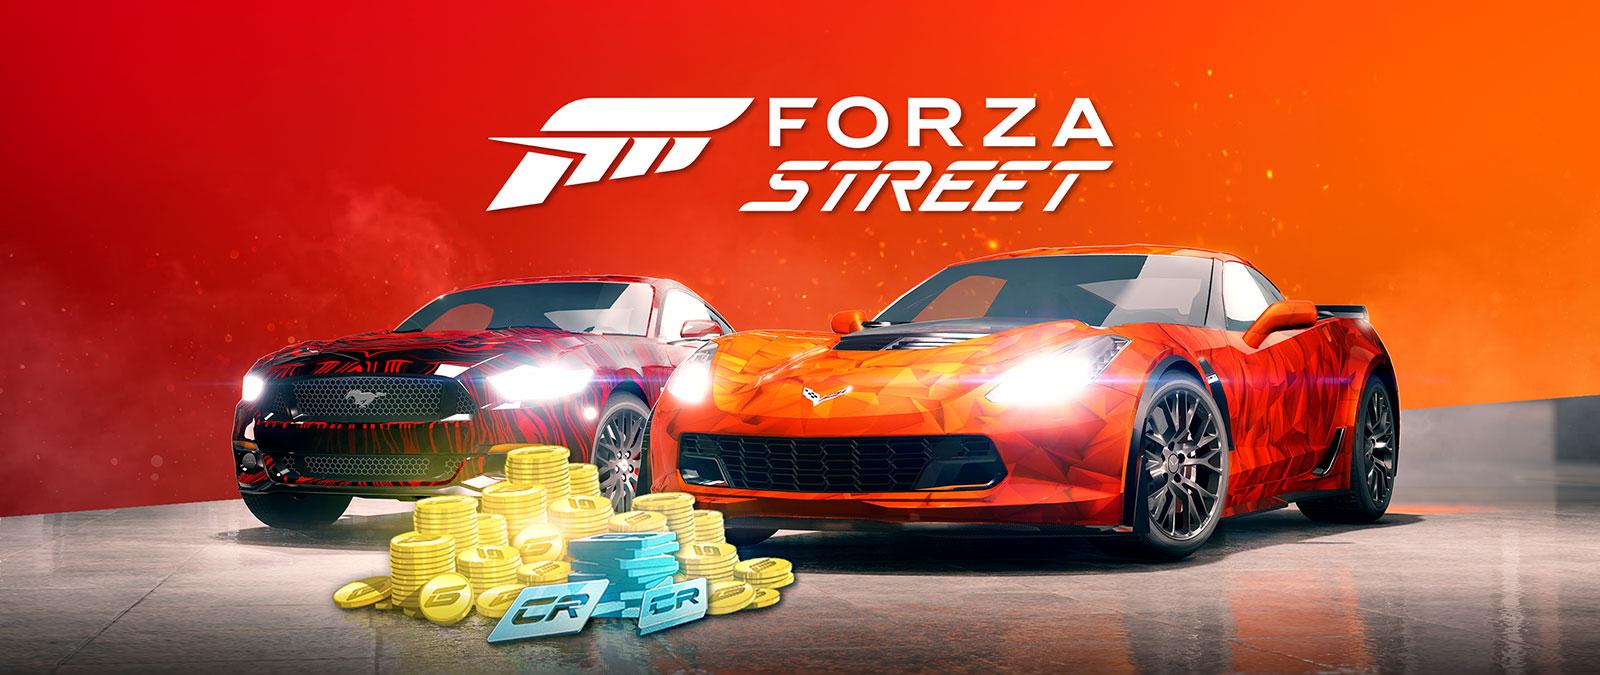 Forza Street ロゴ、2015 フォード マスタング、2015 C7 コルベット Z06、ゴールド コインとクレジット